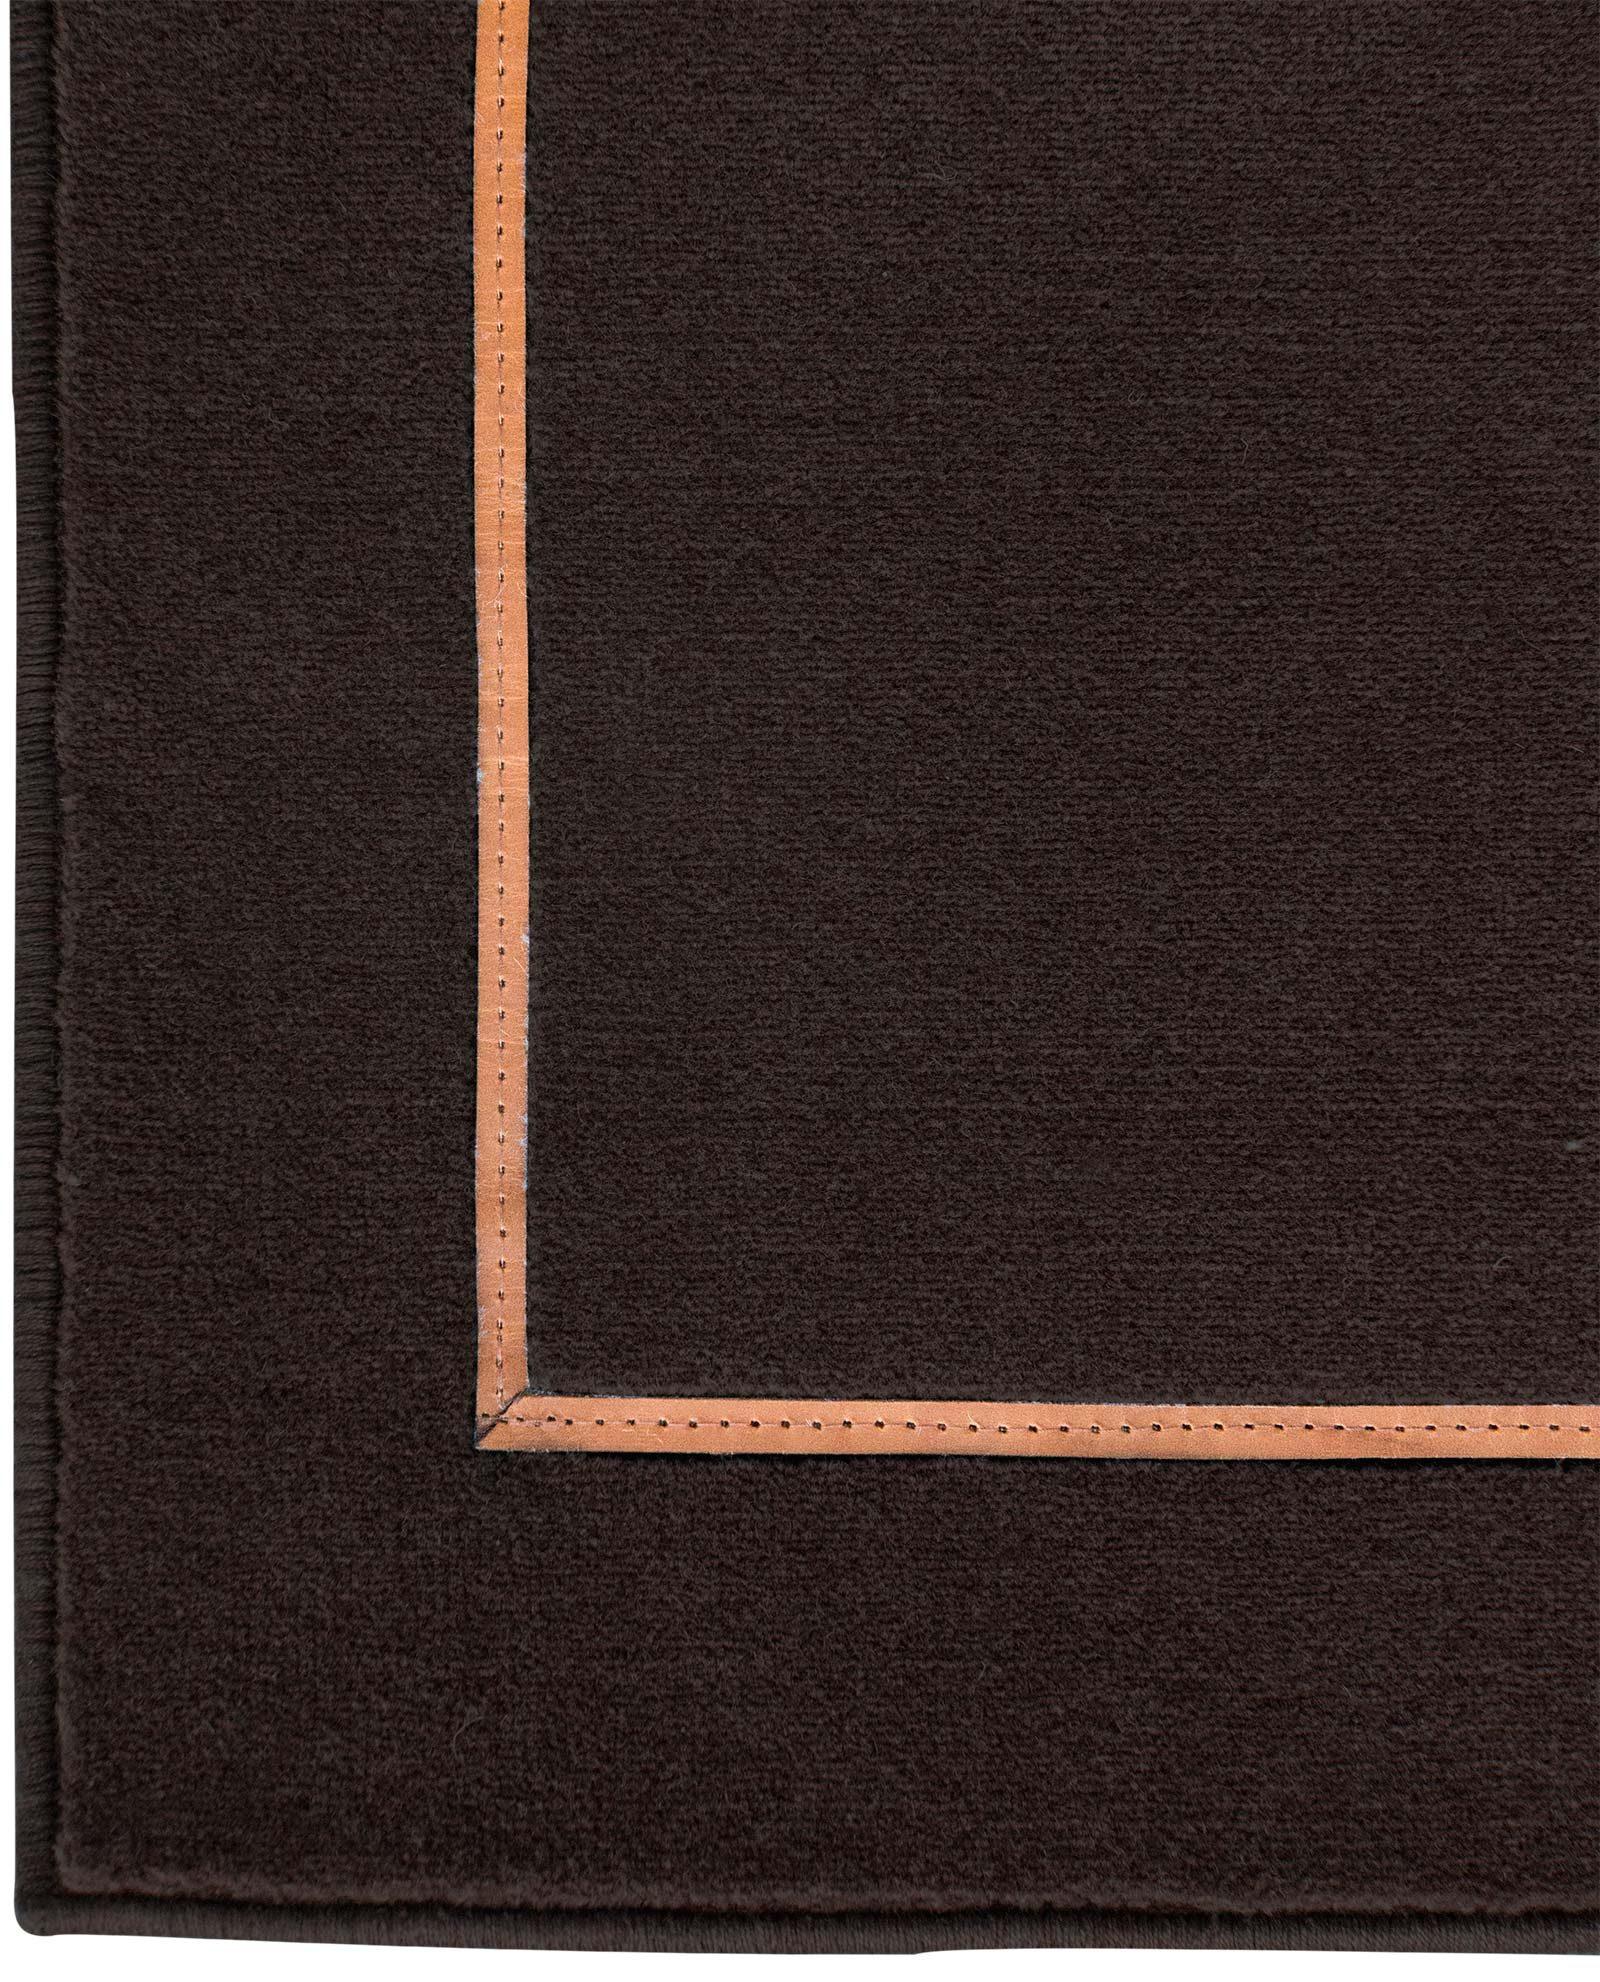 Louis De Poortere Wilton Tapijten W Leather Richelieu Velours RV3 9507